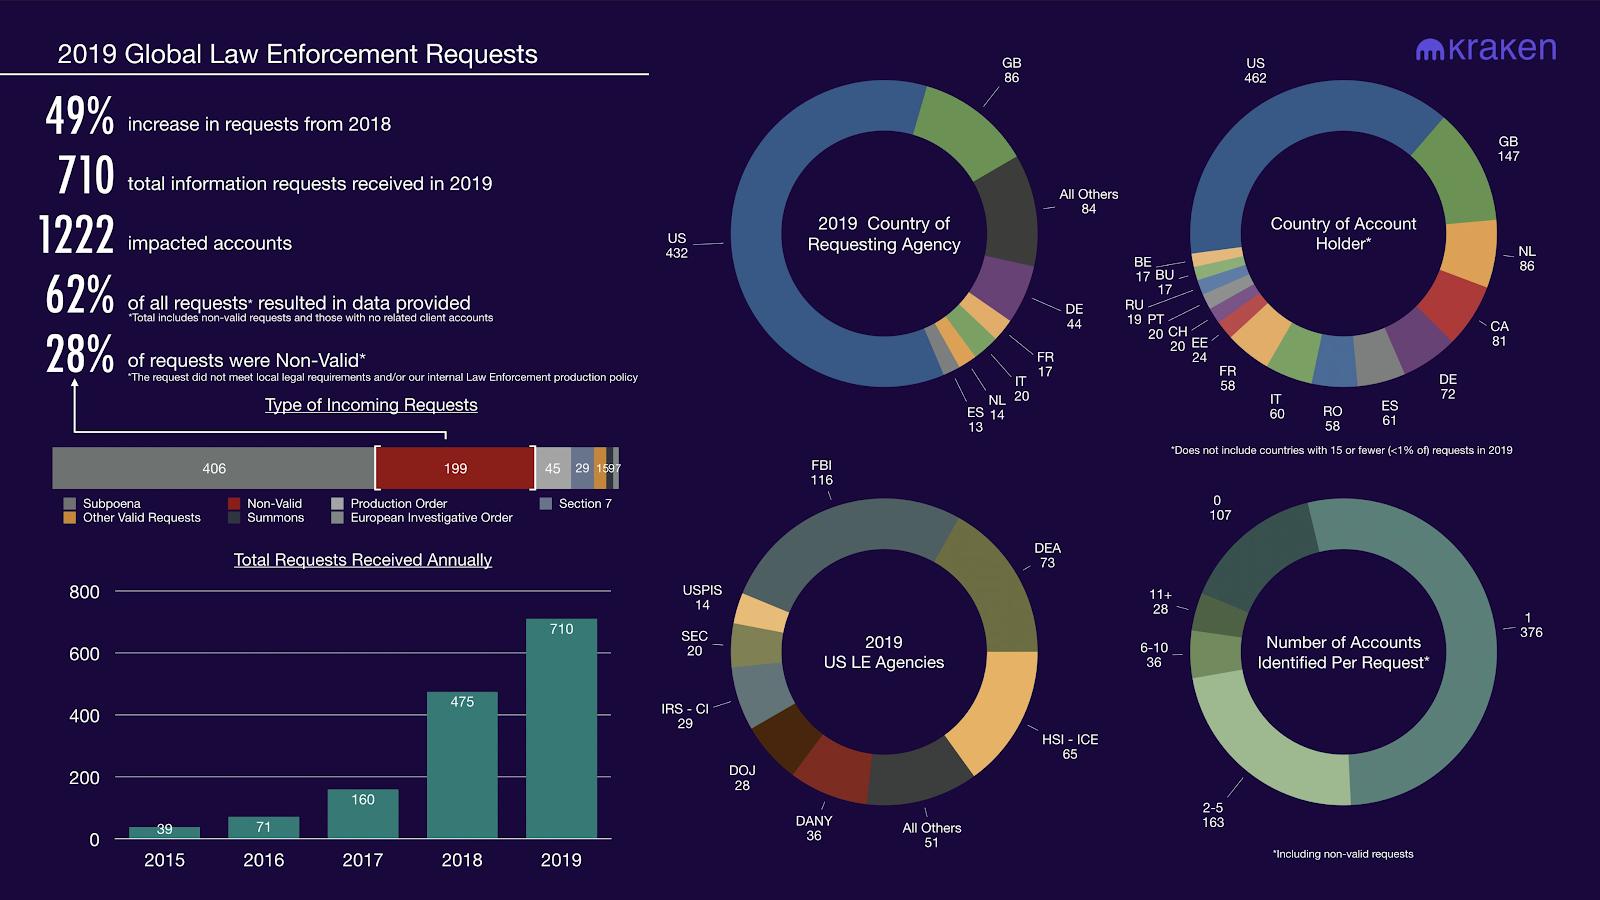 Снимок экрана: глобальные запросы правоохранительных органов 2019 года